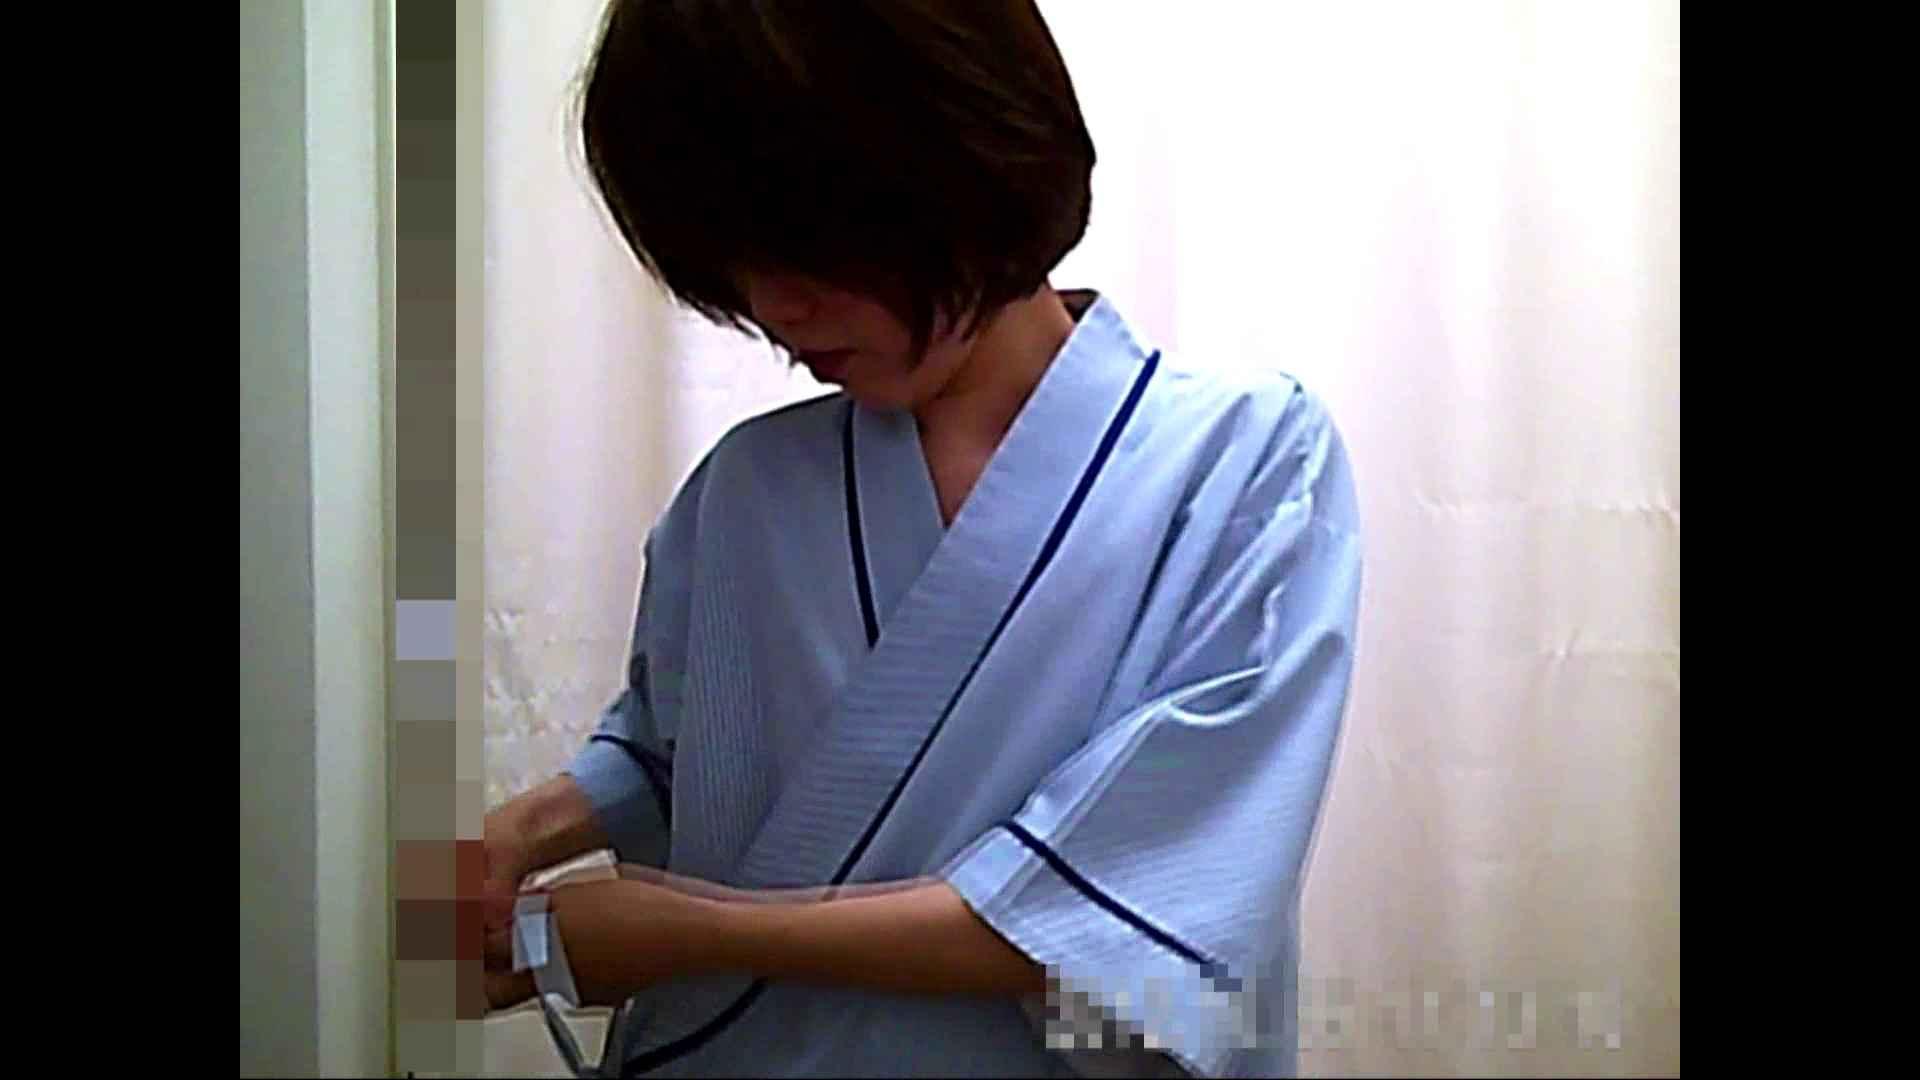 病院おもいっきり着替え! vol.231 着替え エロ画像 80pic 38